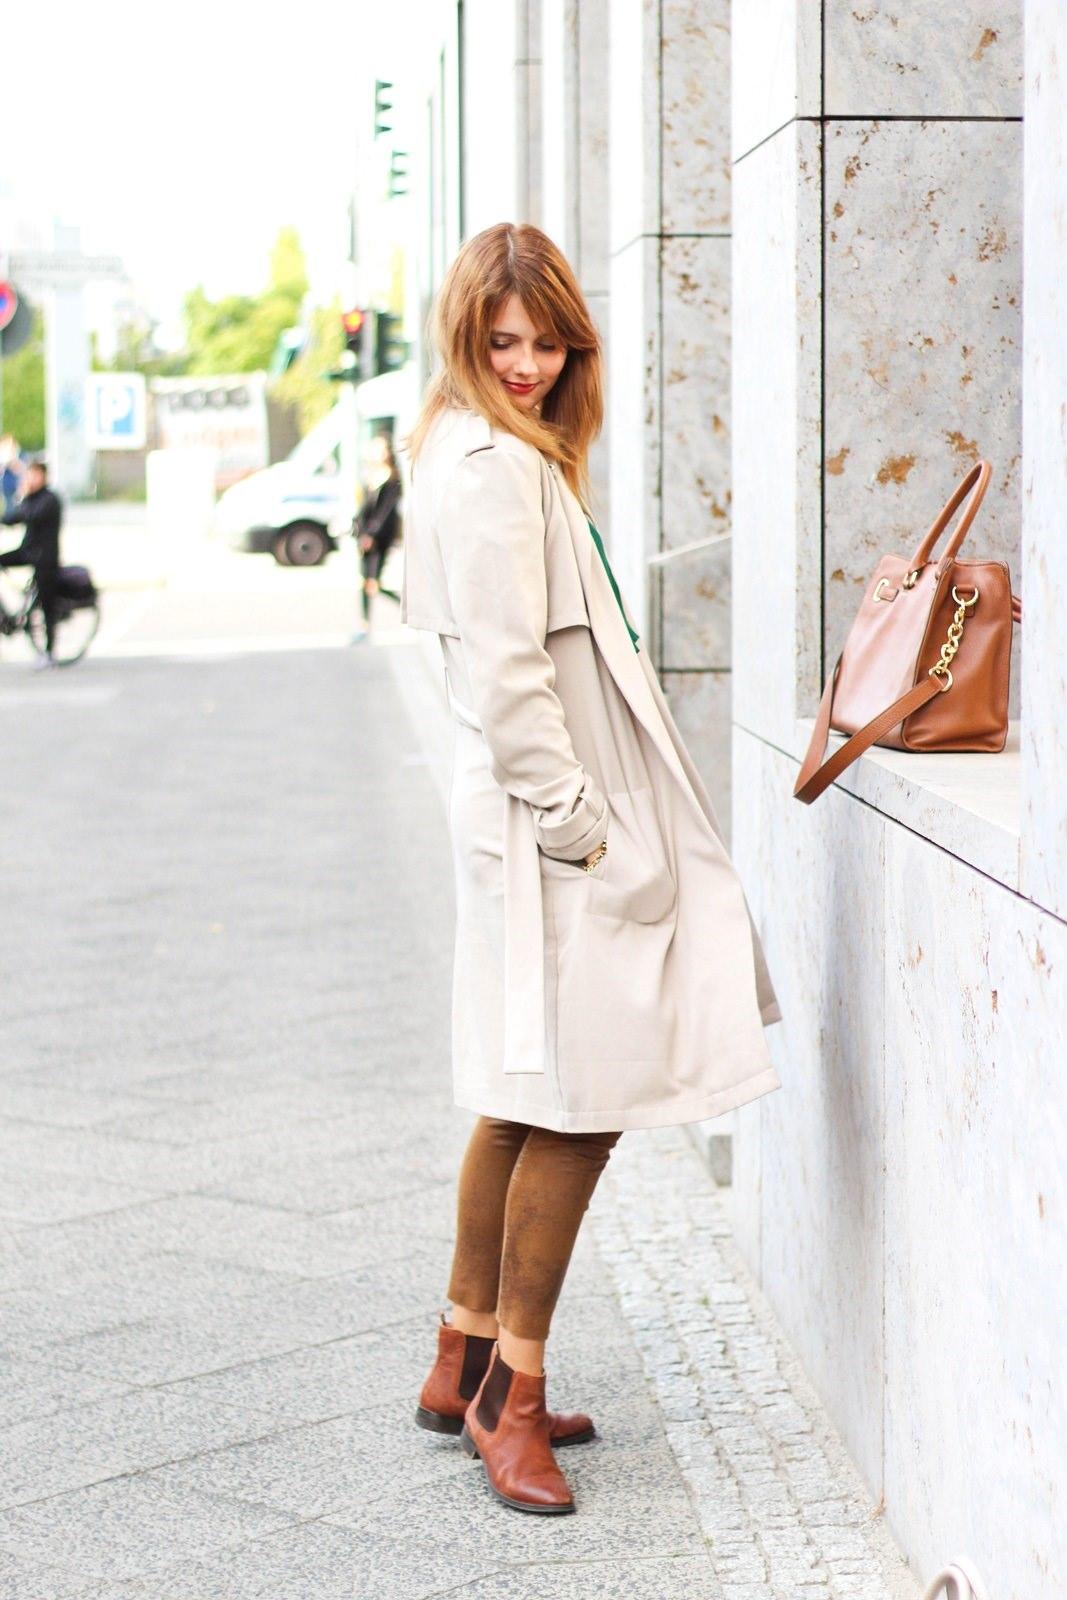 desbelleschoses-outfit-the-classic-trenchcoat-suede-leggings-michael-kors-hamilton-unterwegs-in-berlin 10